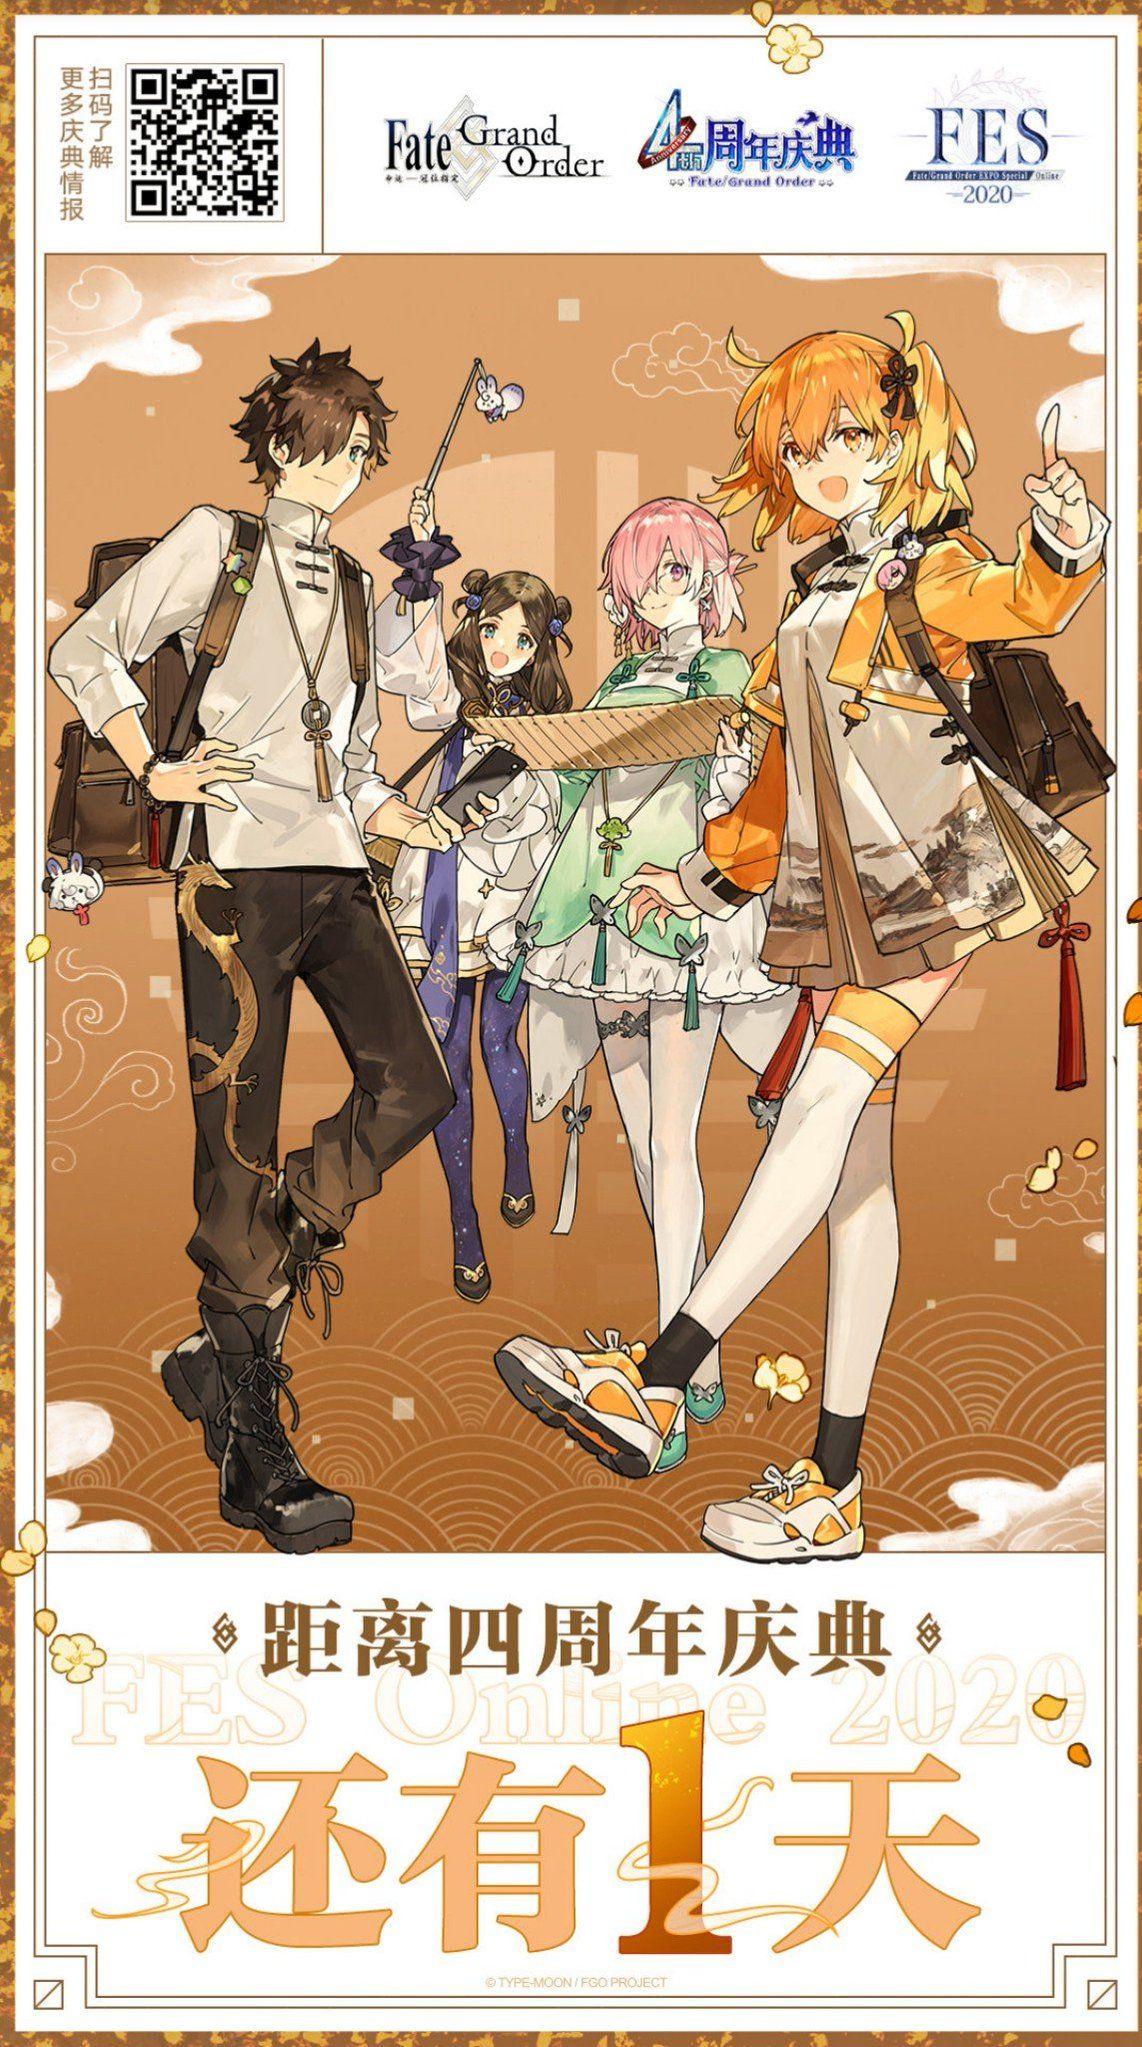 オーディン on Twitter in 2020 Fate anime series, Fate stay